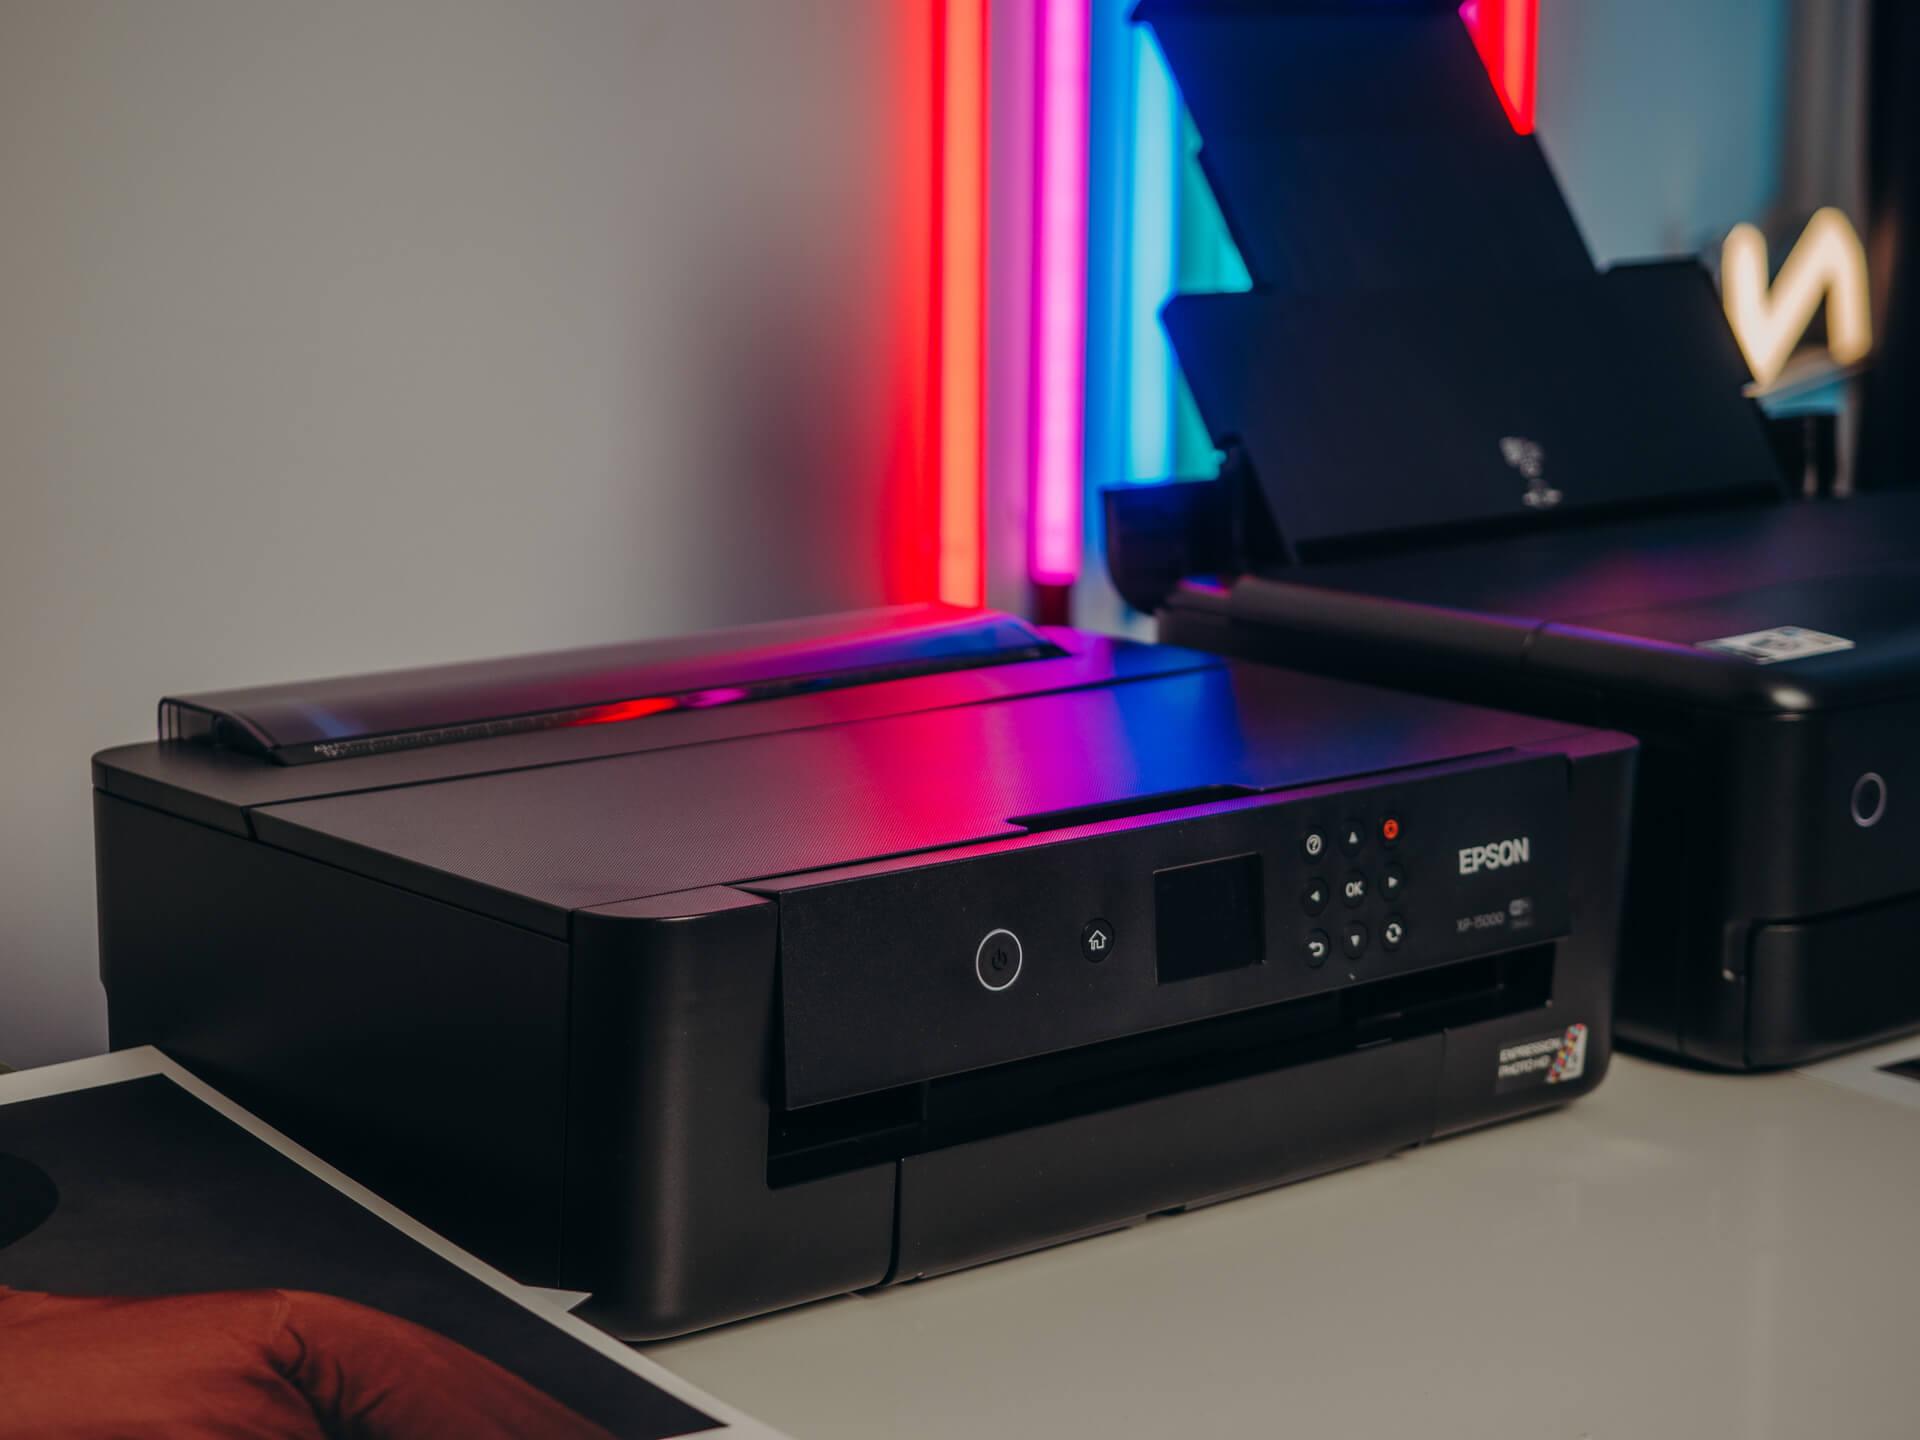 Epson XP15000 jest już kilka lat na rynku, ale nadal ma wszystkie atrybuty porządnej drukarki fotograficznej.